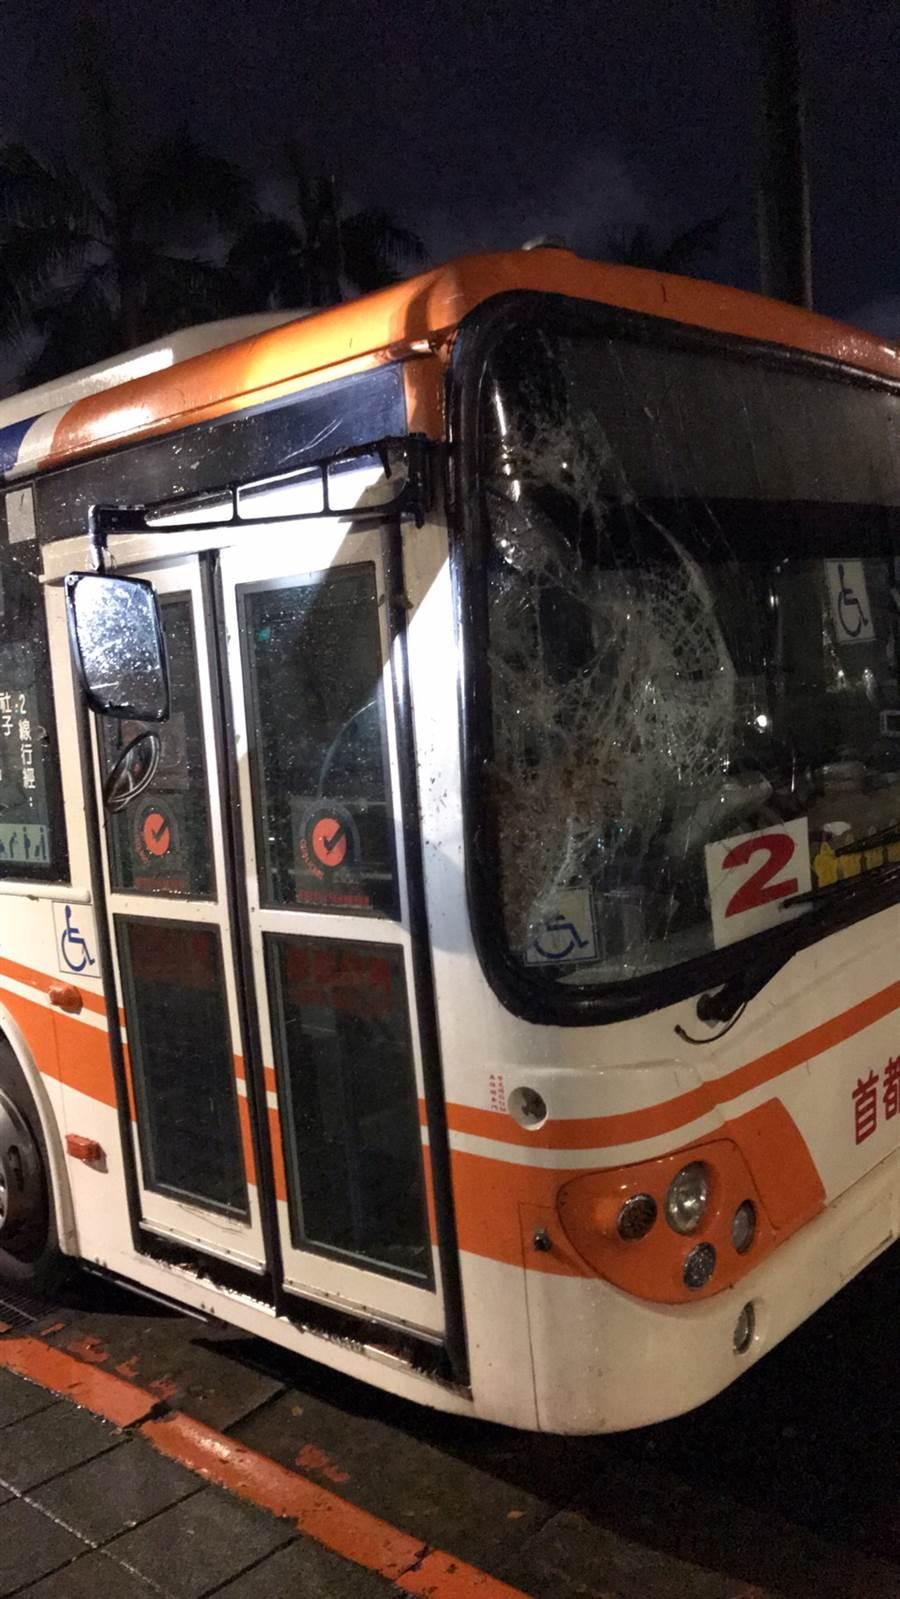 路樹倒塌砸破路過公車的擋風玻璃。(吳家詮翻攝)